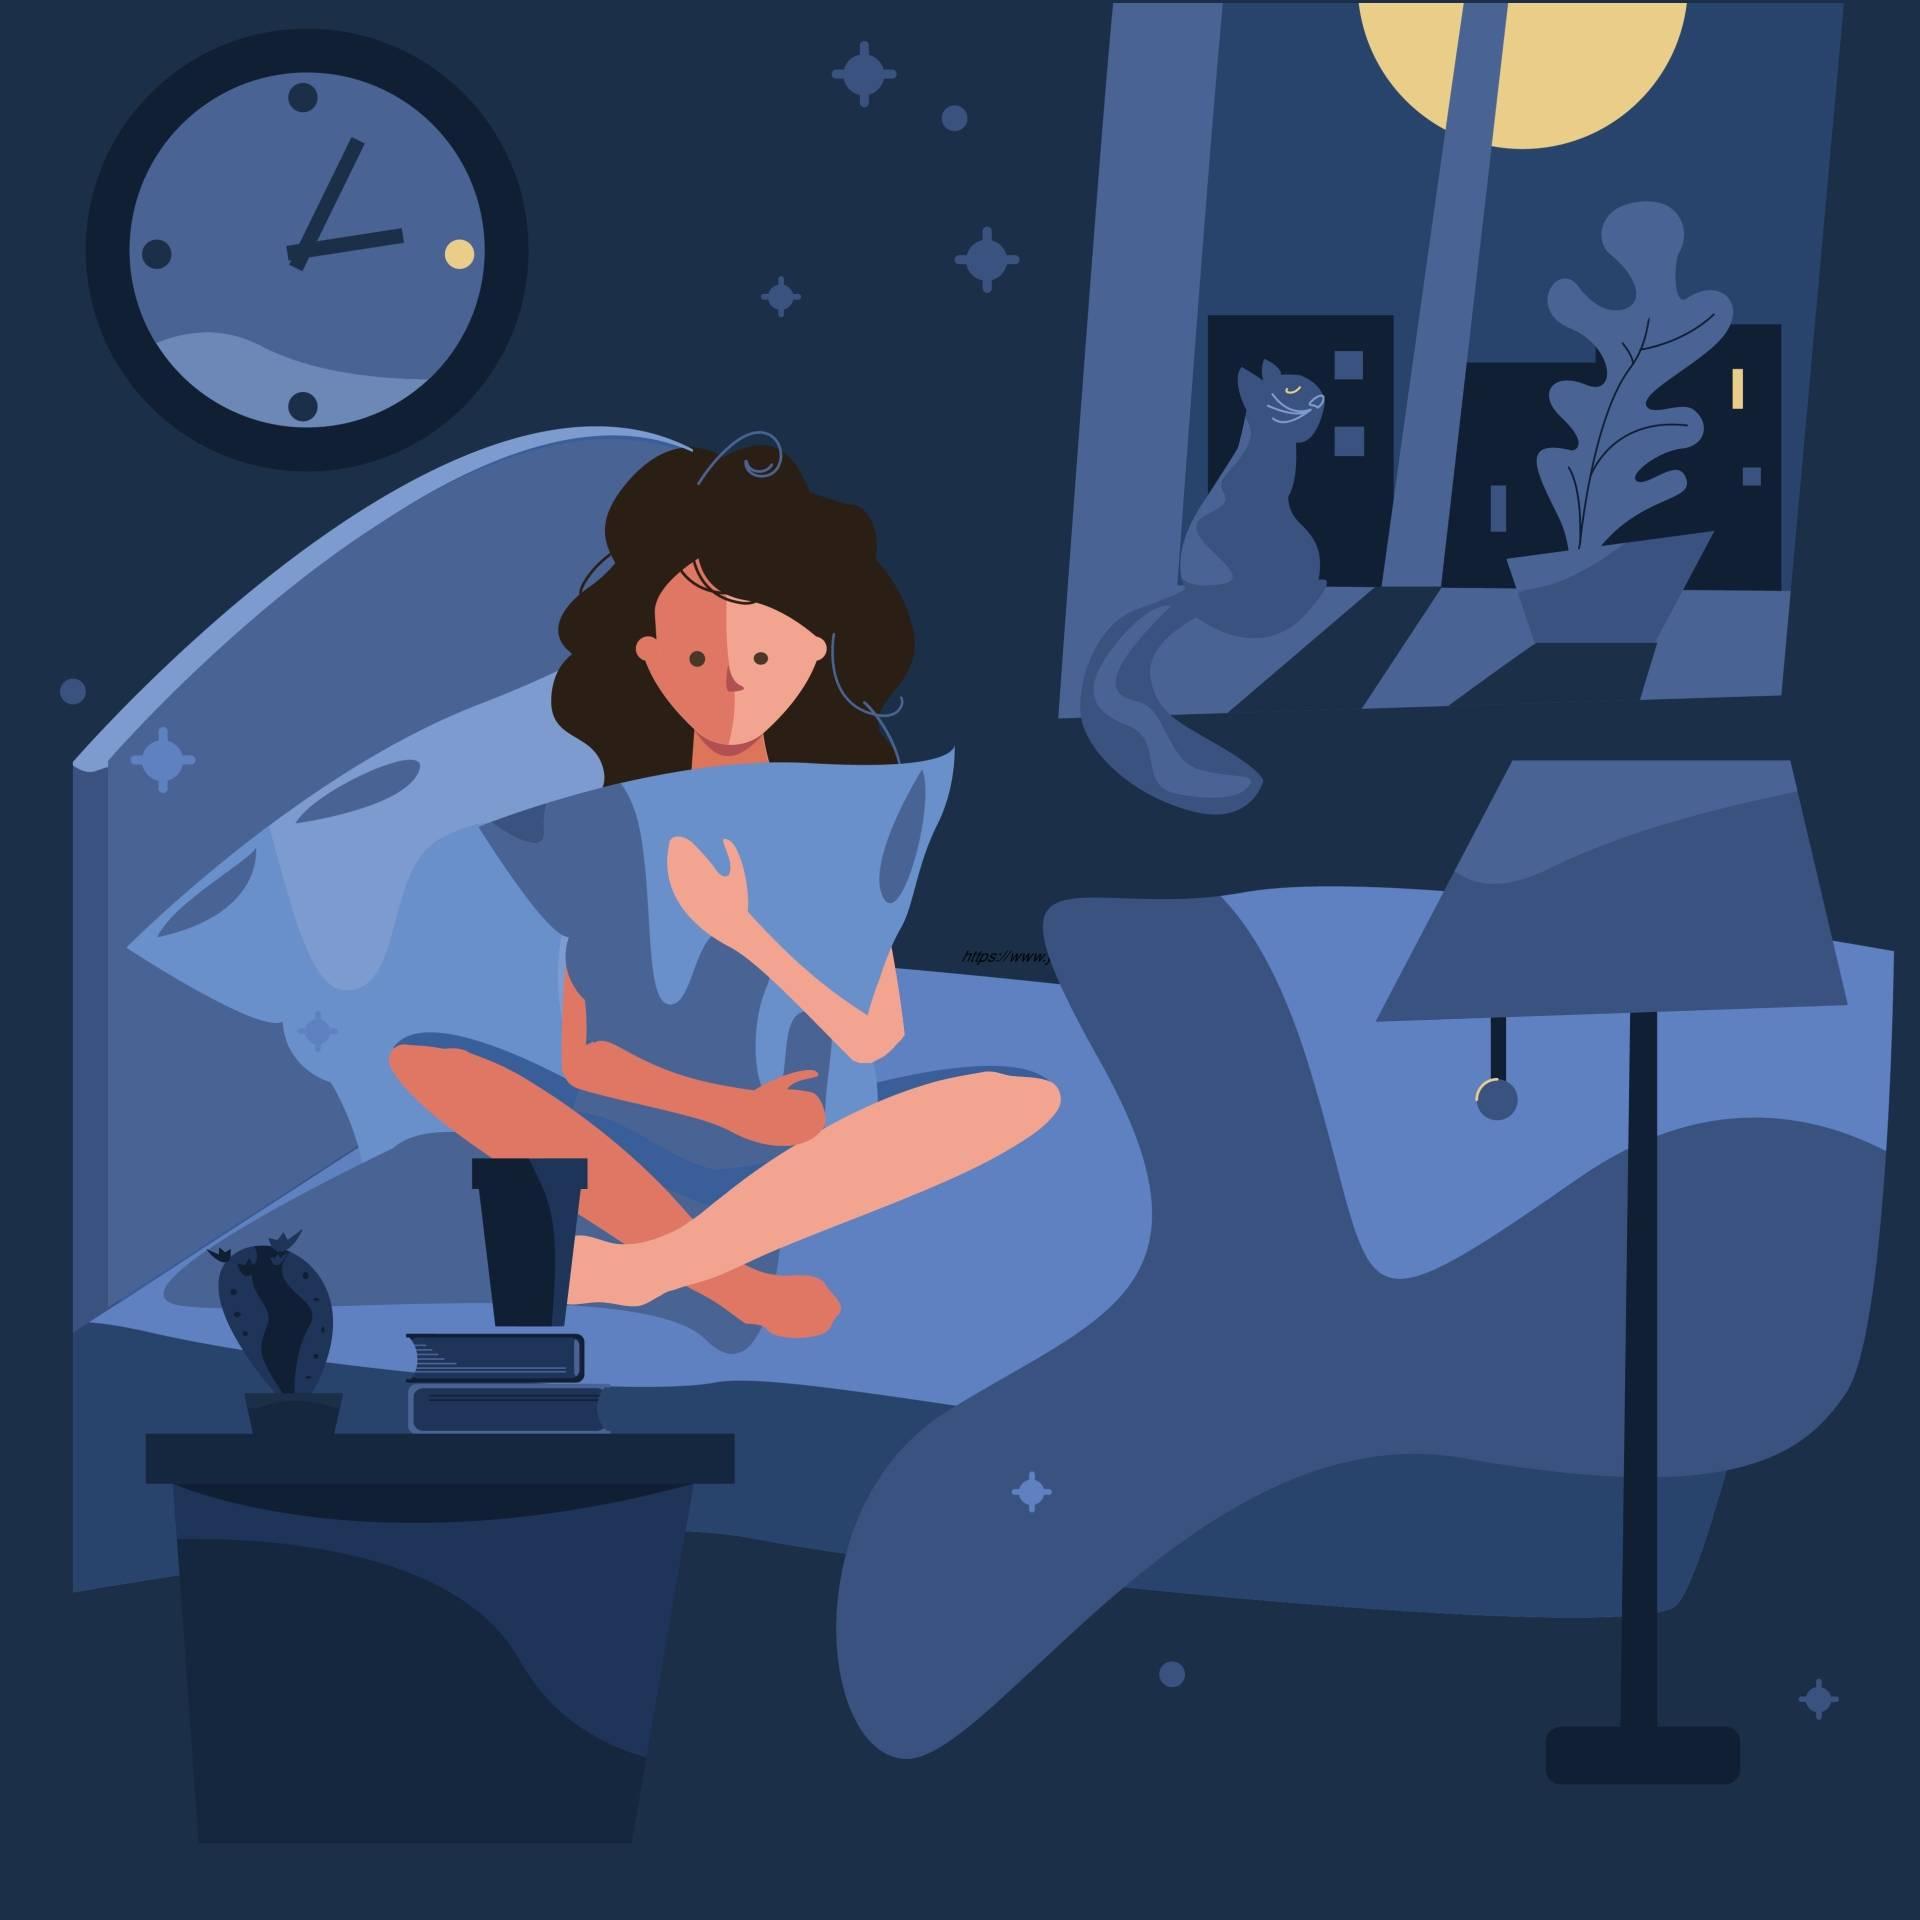 Bezsenność - jak ją leczyć? Jak zwalczyć problemy ze snem? Grafika przedstawia młodą kobietę cierpiącą na brak snu, która przytula poduszkę siedząc na łóżku. W tle siedzi kot na oknie.